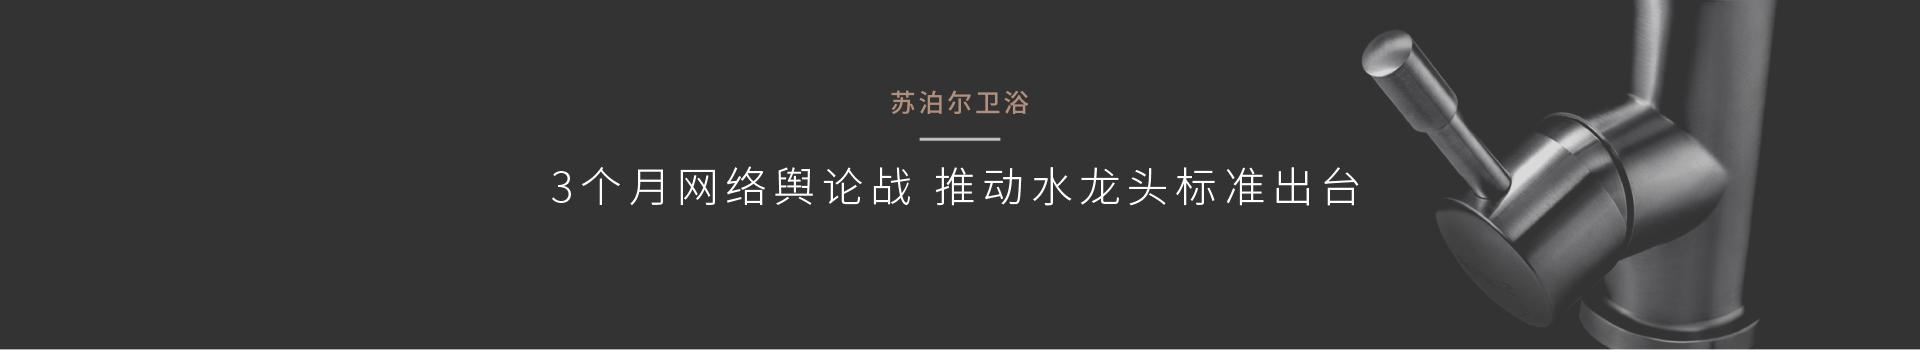 苏泊尔卫浴上海营销策划公司突破行业危机借势传播案例鼠标划过效果